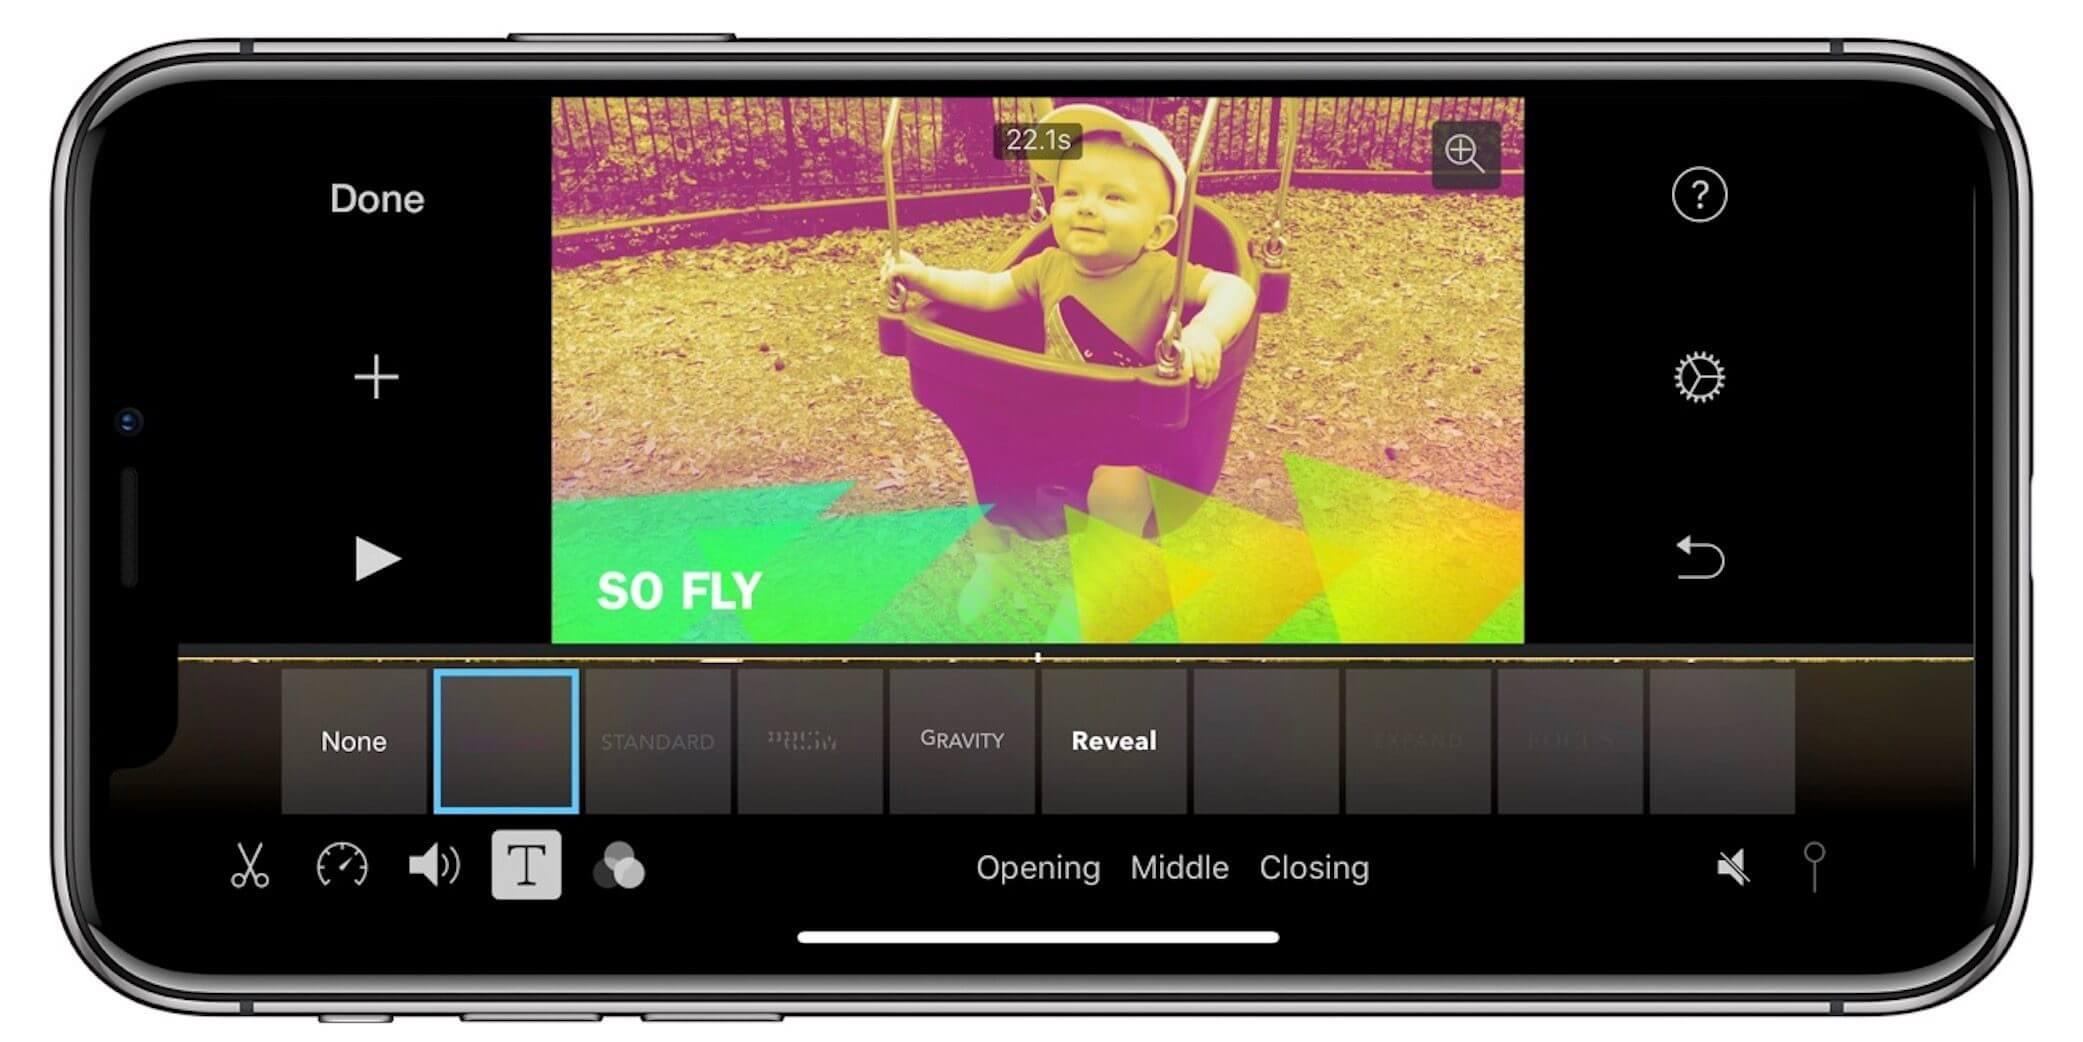 تحميل ايموفي القديم للايفون تطبيق iMovie القديم مجانا